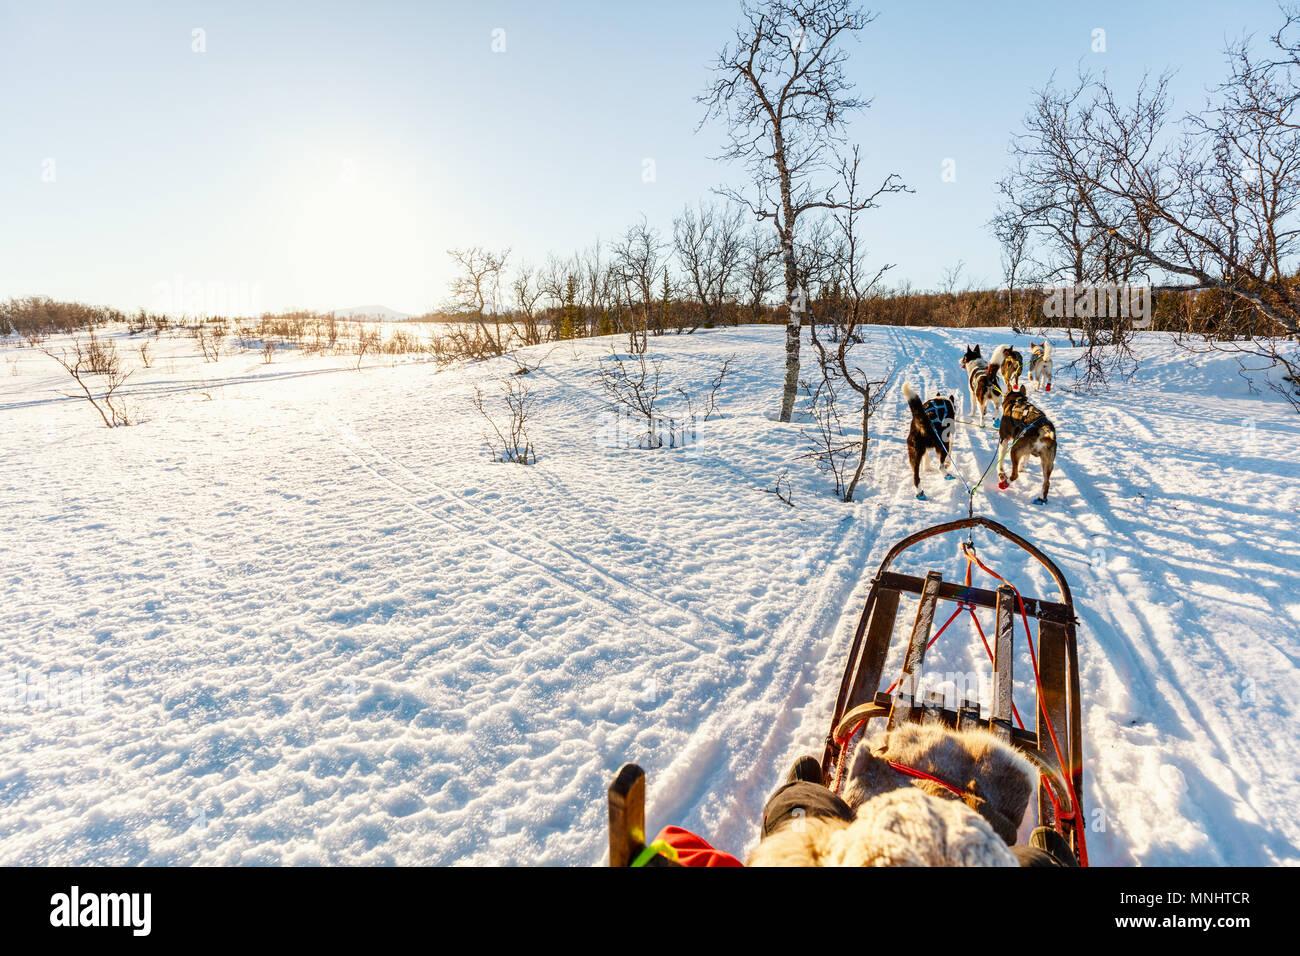 Están tirando el trineo de perros Husky con Little Girl en los soleados días de invierno en el norte de Noruega. Imagen De Stock